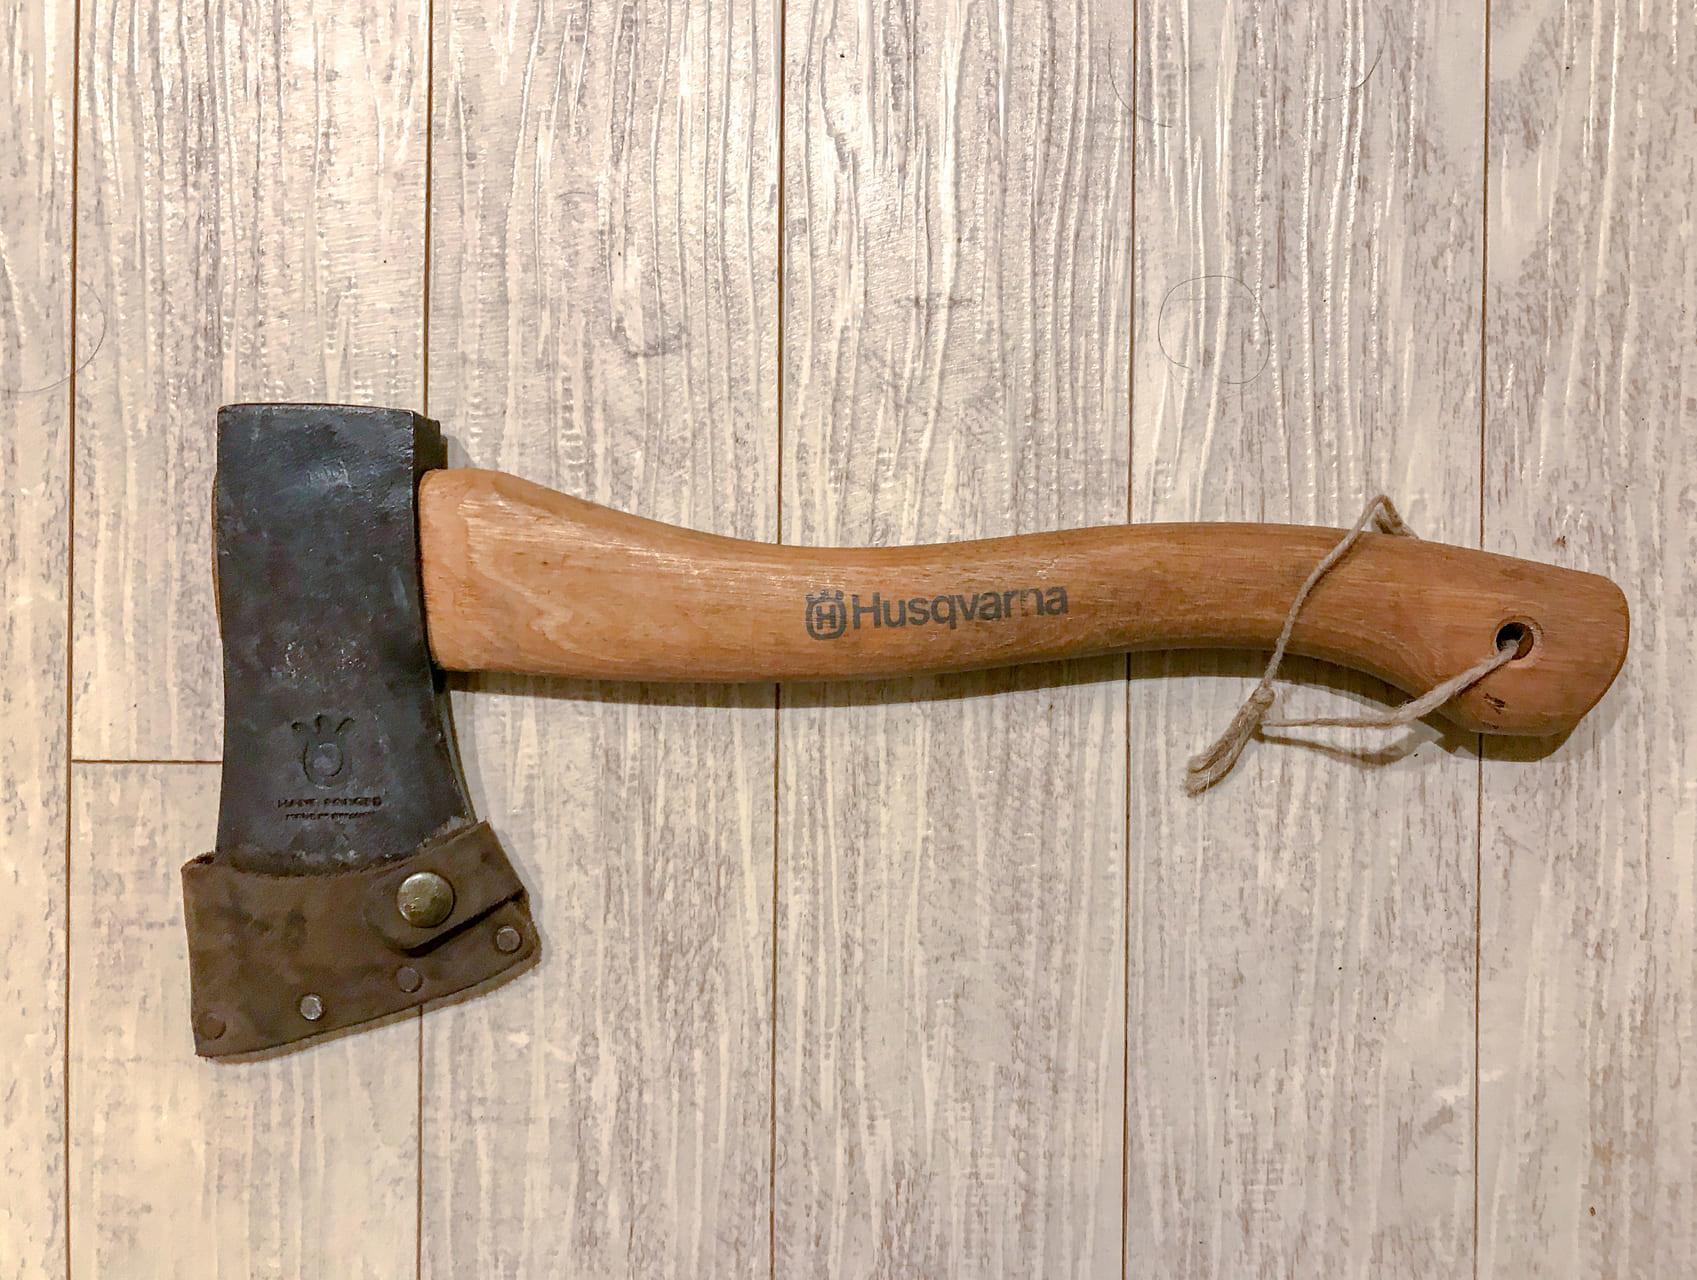 /ハスクバーナの手斧-e1570000002386